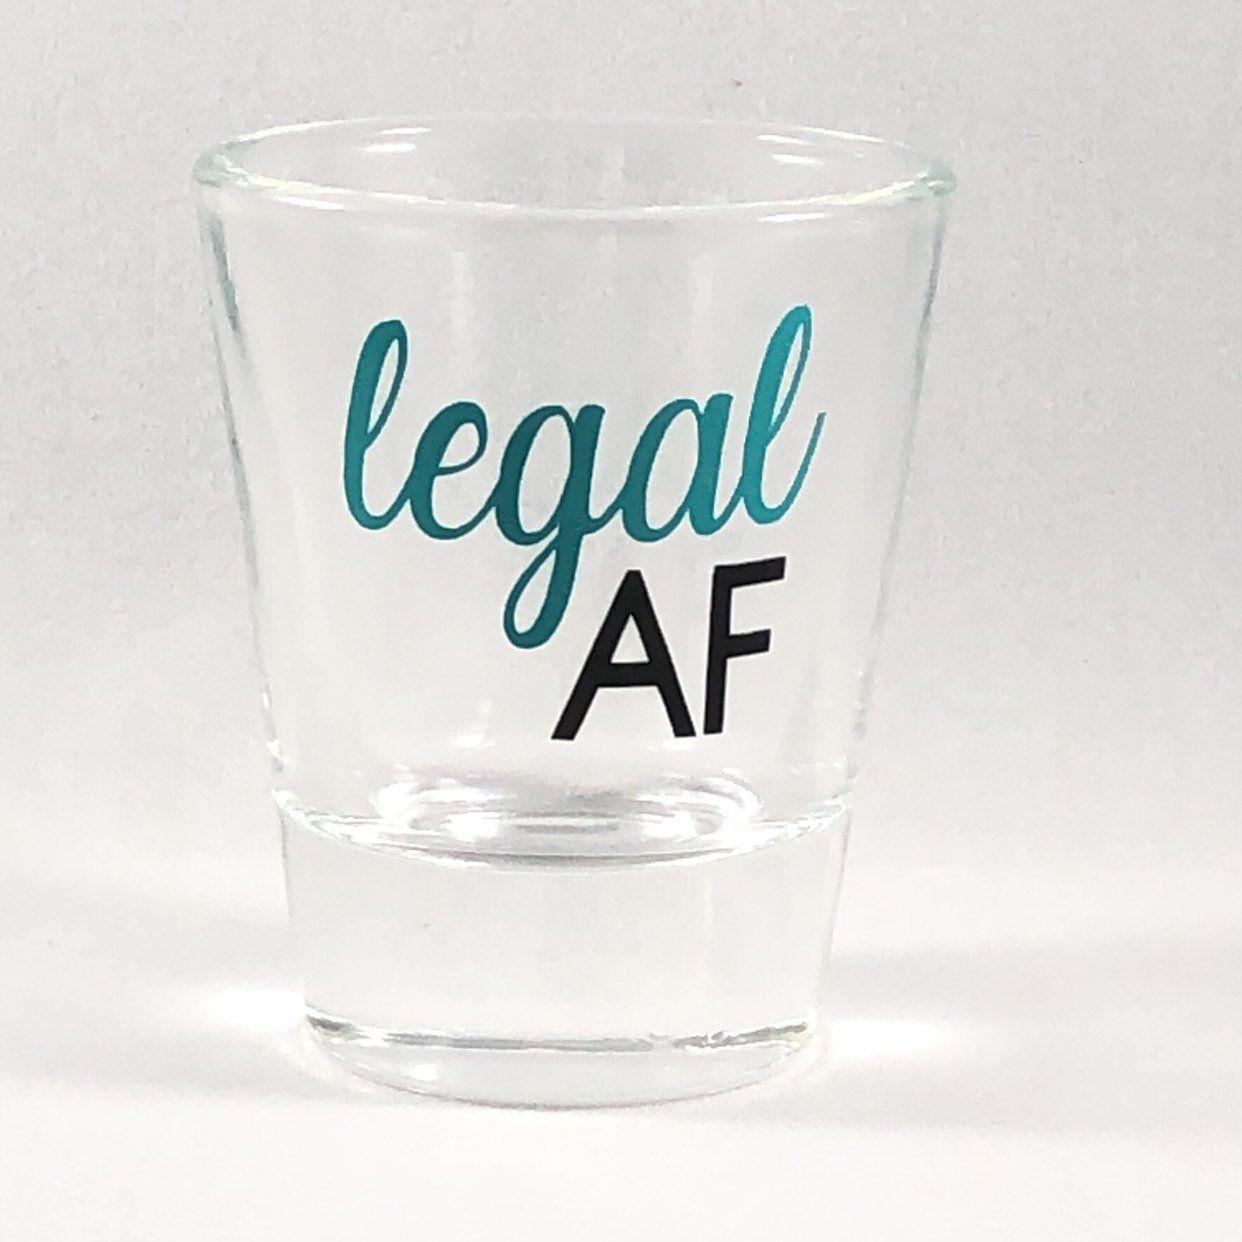 21st Birthday Shot Glass 21st Birthday Gift Legal Af Shot Etsy In 2021 Birthday Shots Shot Glasses Diy 21st Birthday Gifts